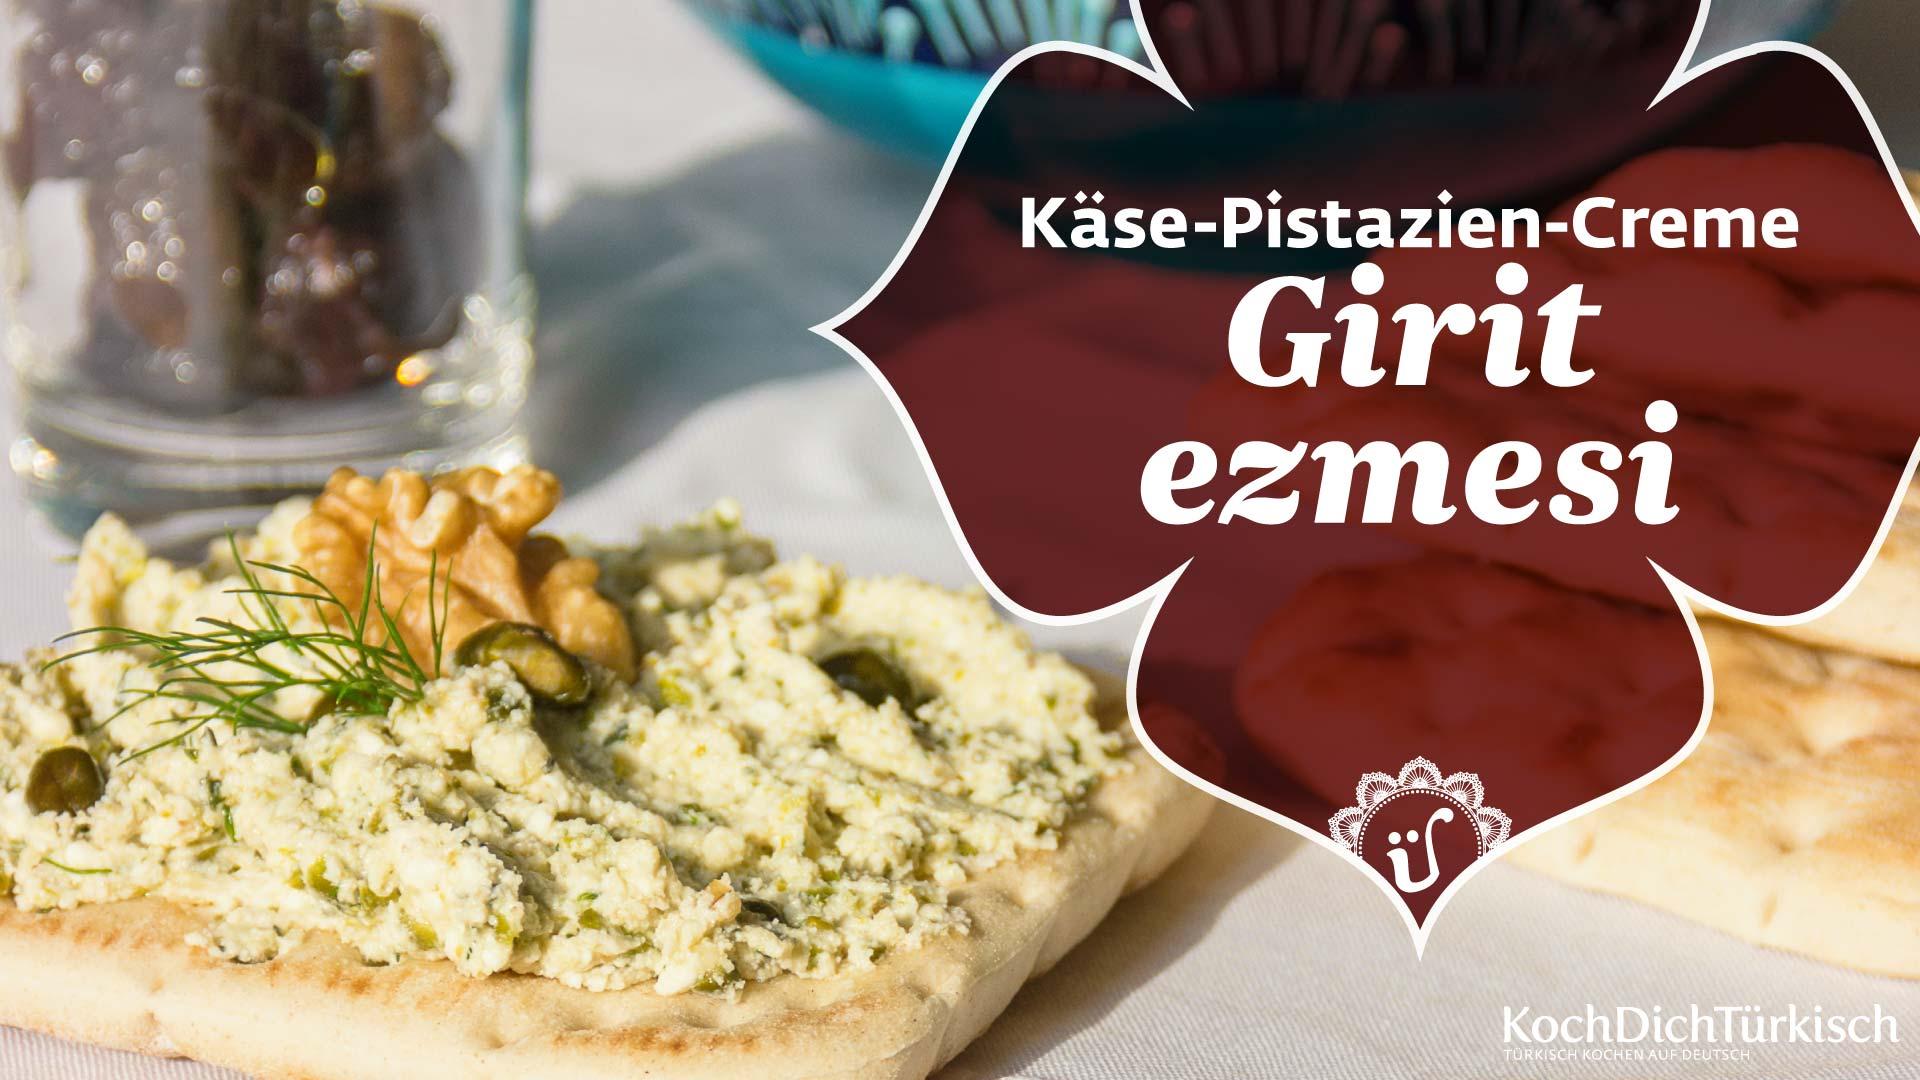 Girit Ezmesi - Käse-Creme mit Pistazien